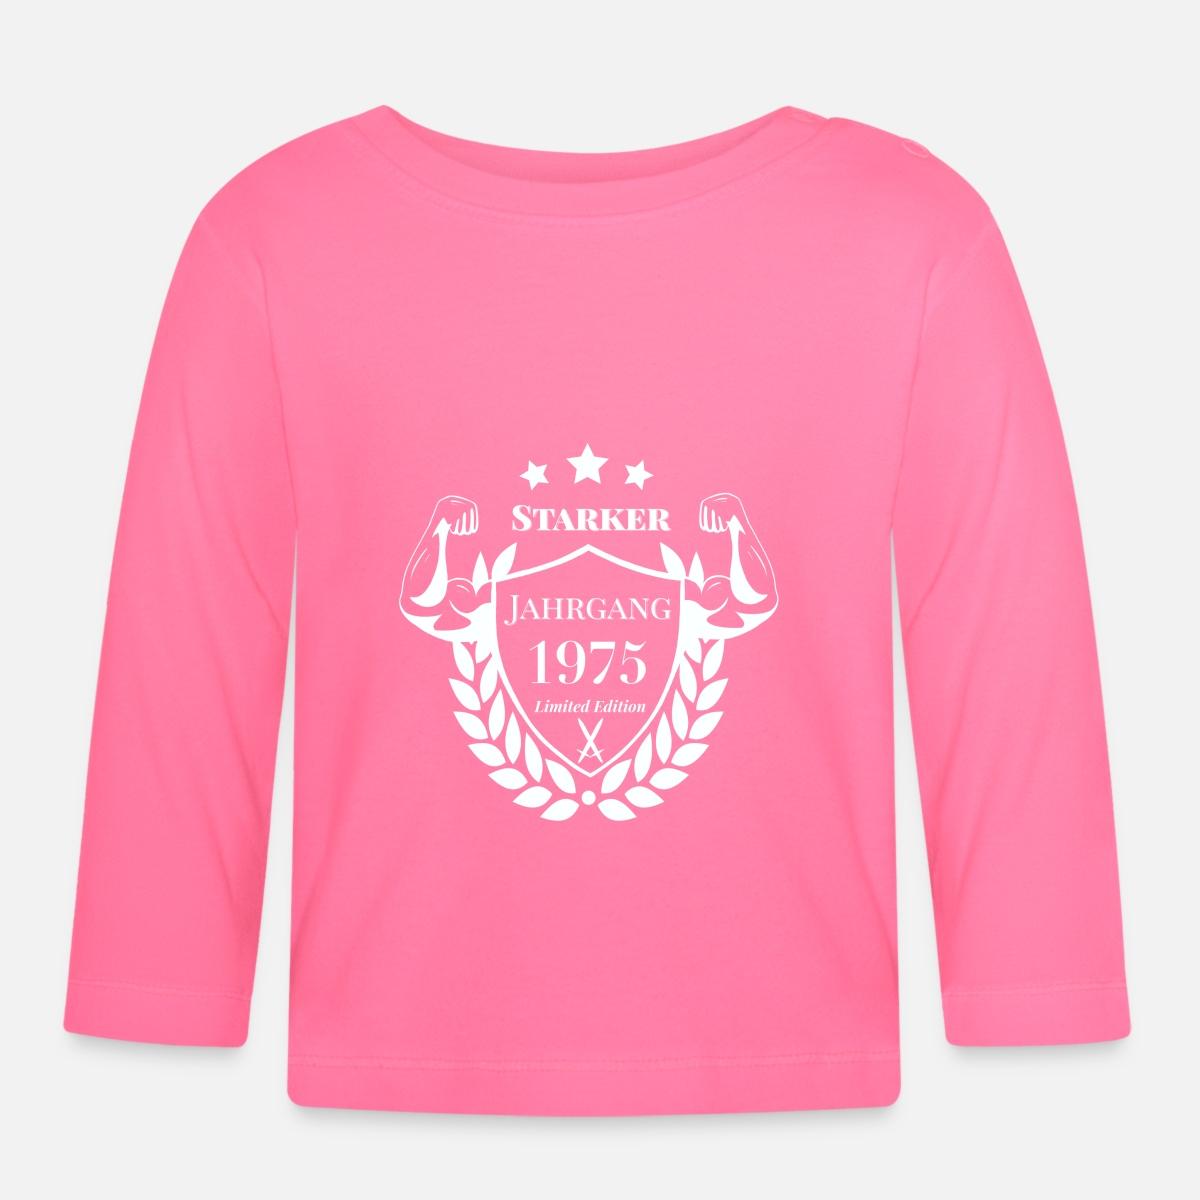 Jahrgang 1975 T Shirt Geburtstag Lustiges Sprüche Shirt